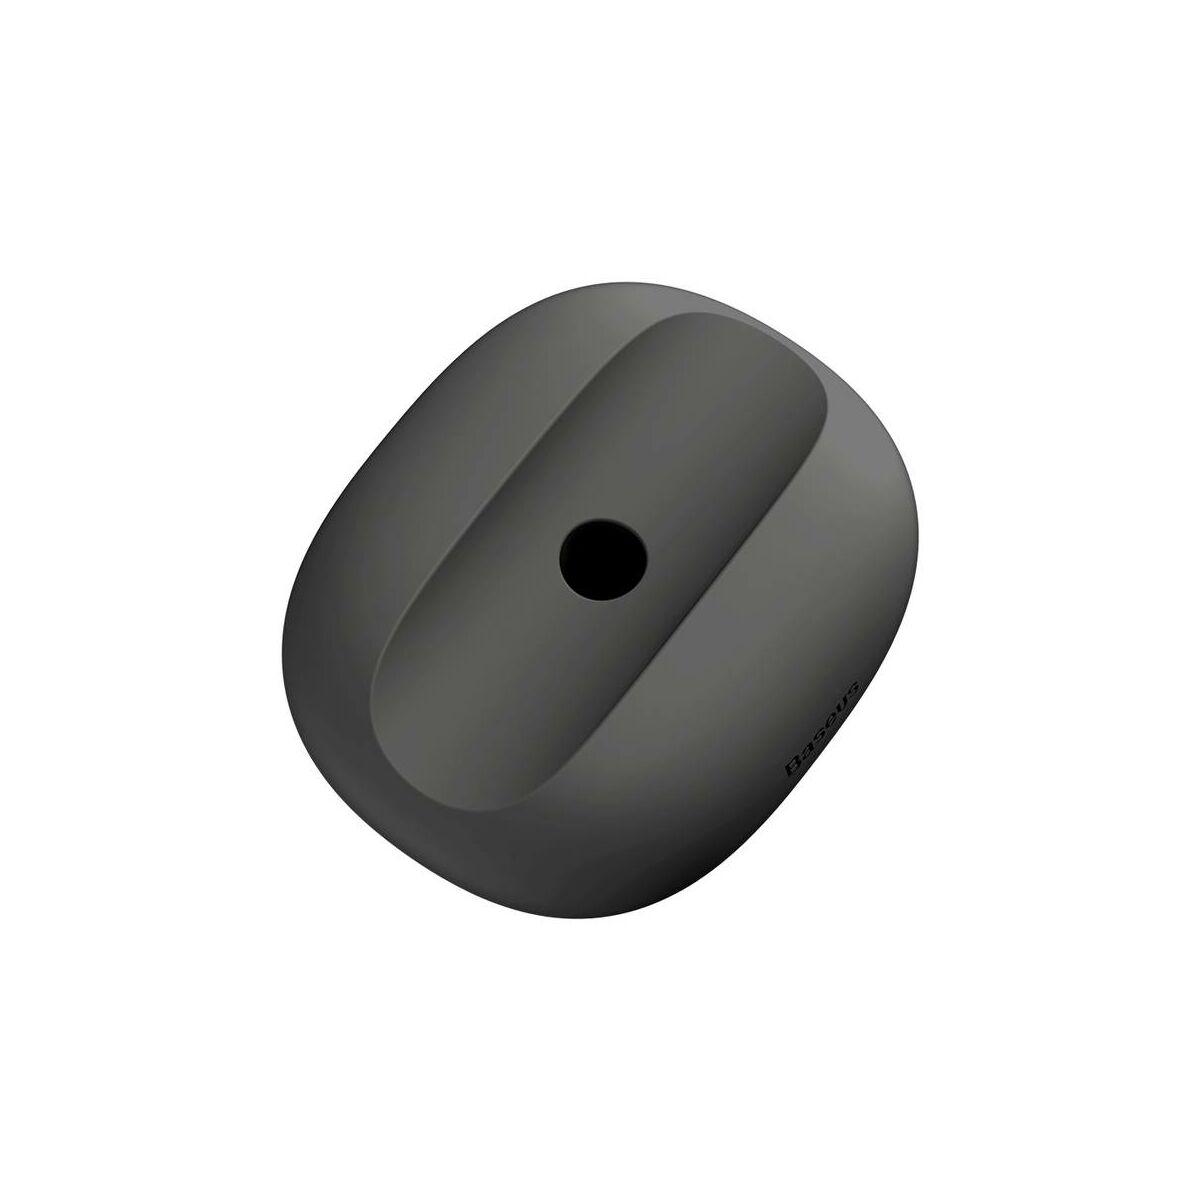 Baseus Tablet kiegészítő, AP Pencil szilikon tartó, fekete (ACBZ-AP01)